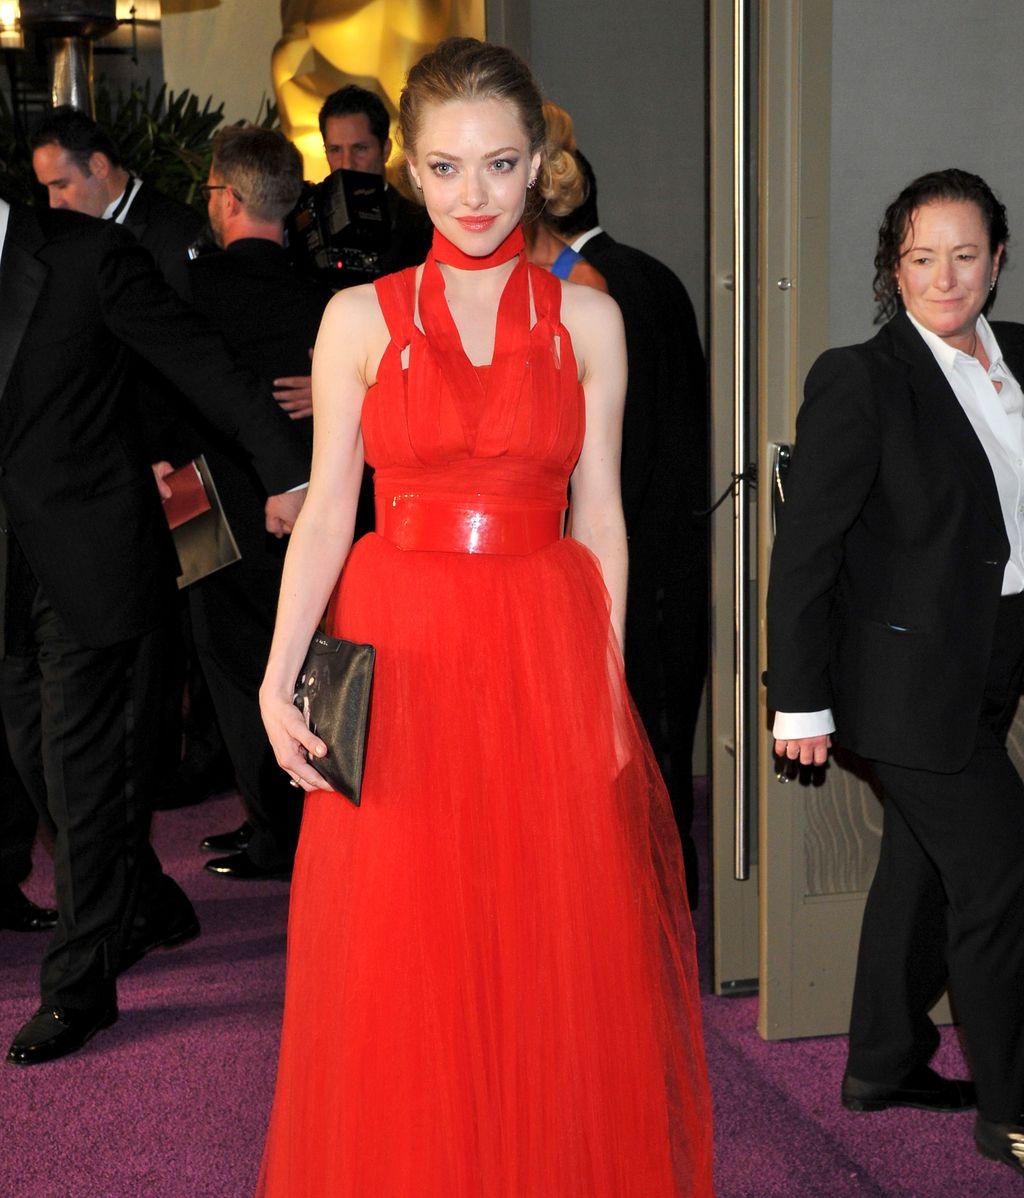 Y después de la gala de los Oscar... Más glamour en las fiestas